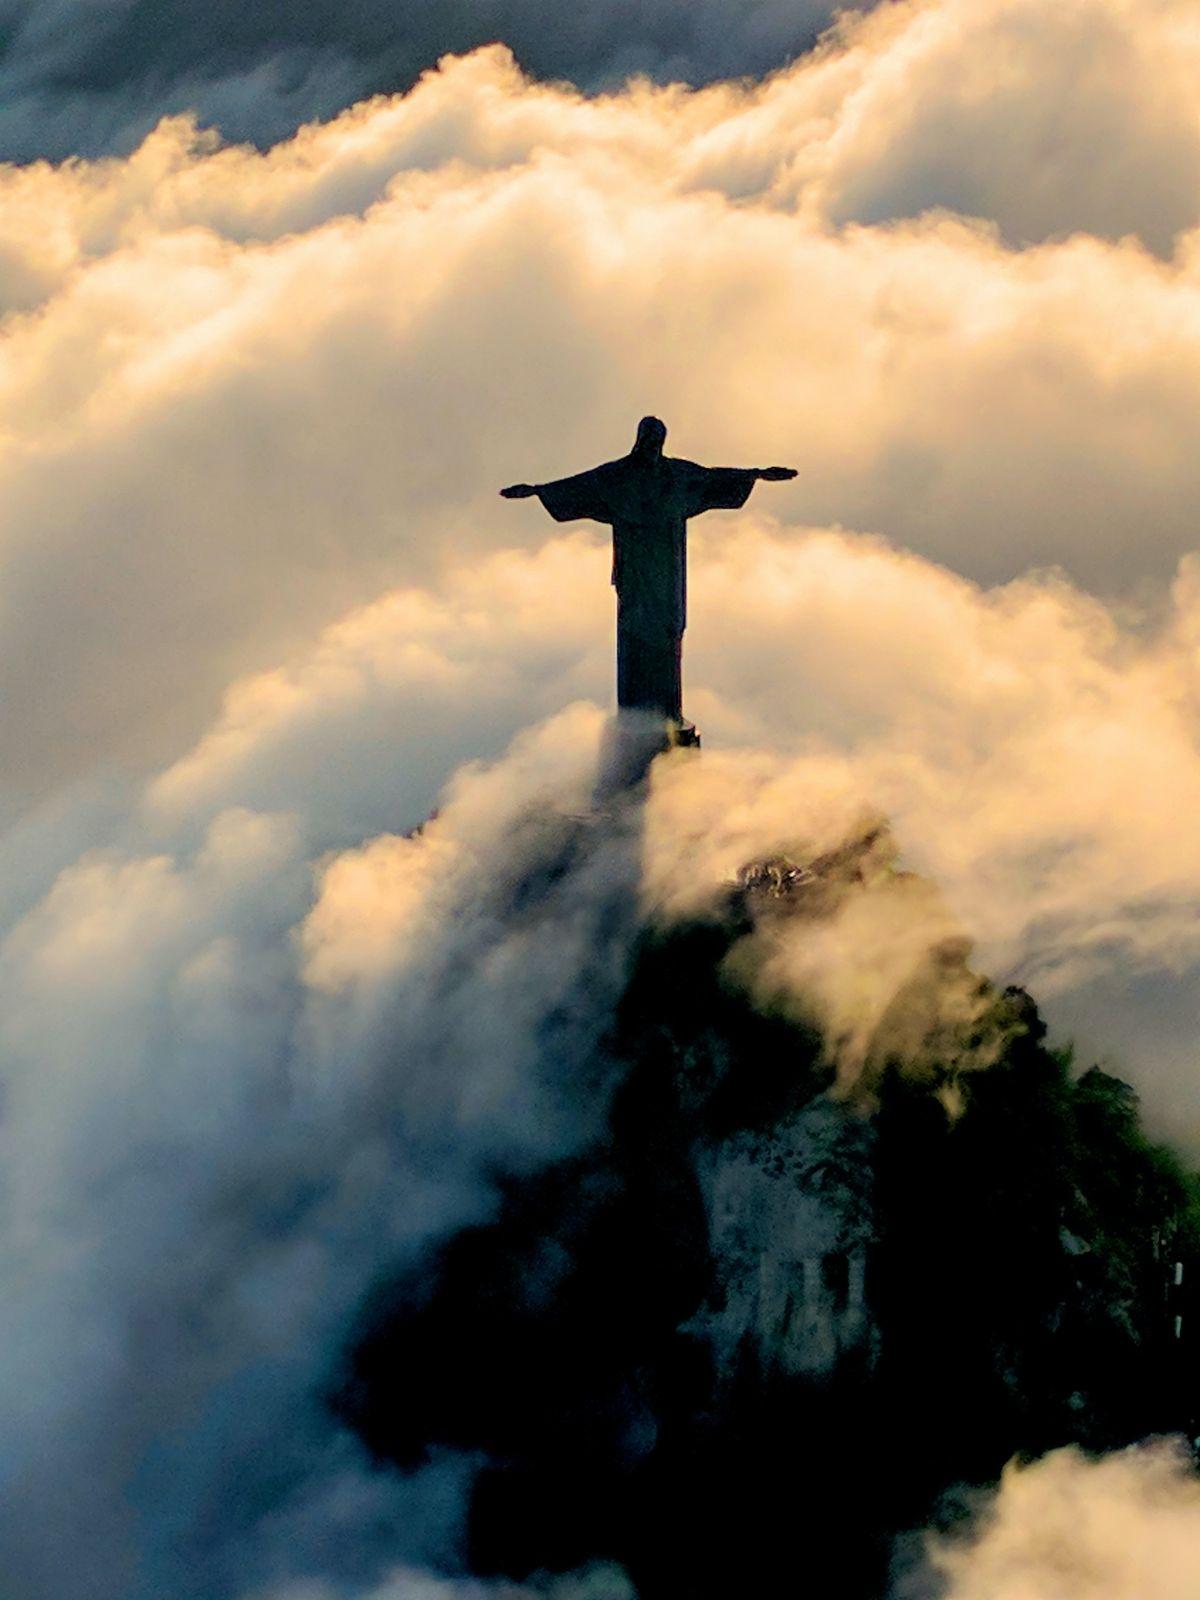 صور سفر، عجائب الدنيا السبع الجديدة، تمثال المسيح الفادي ريو دي جانيرو